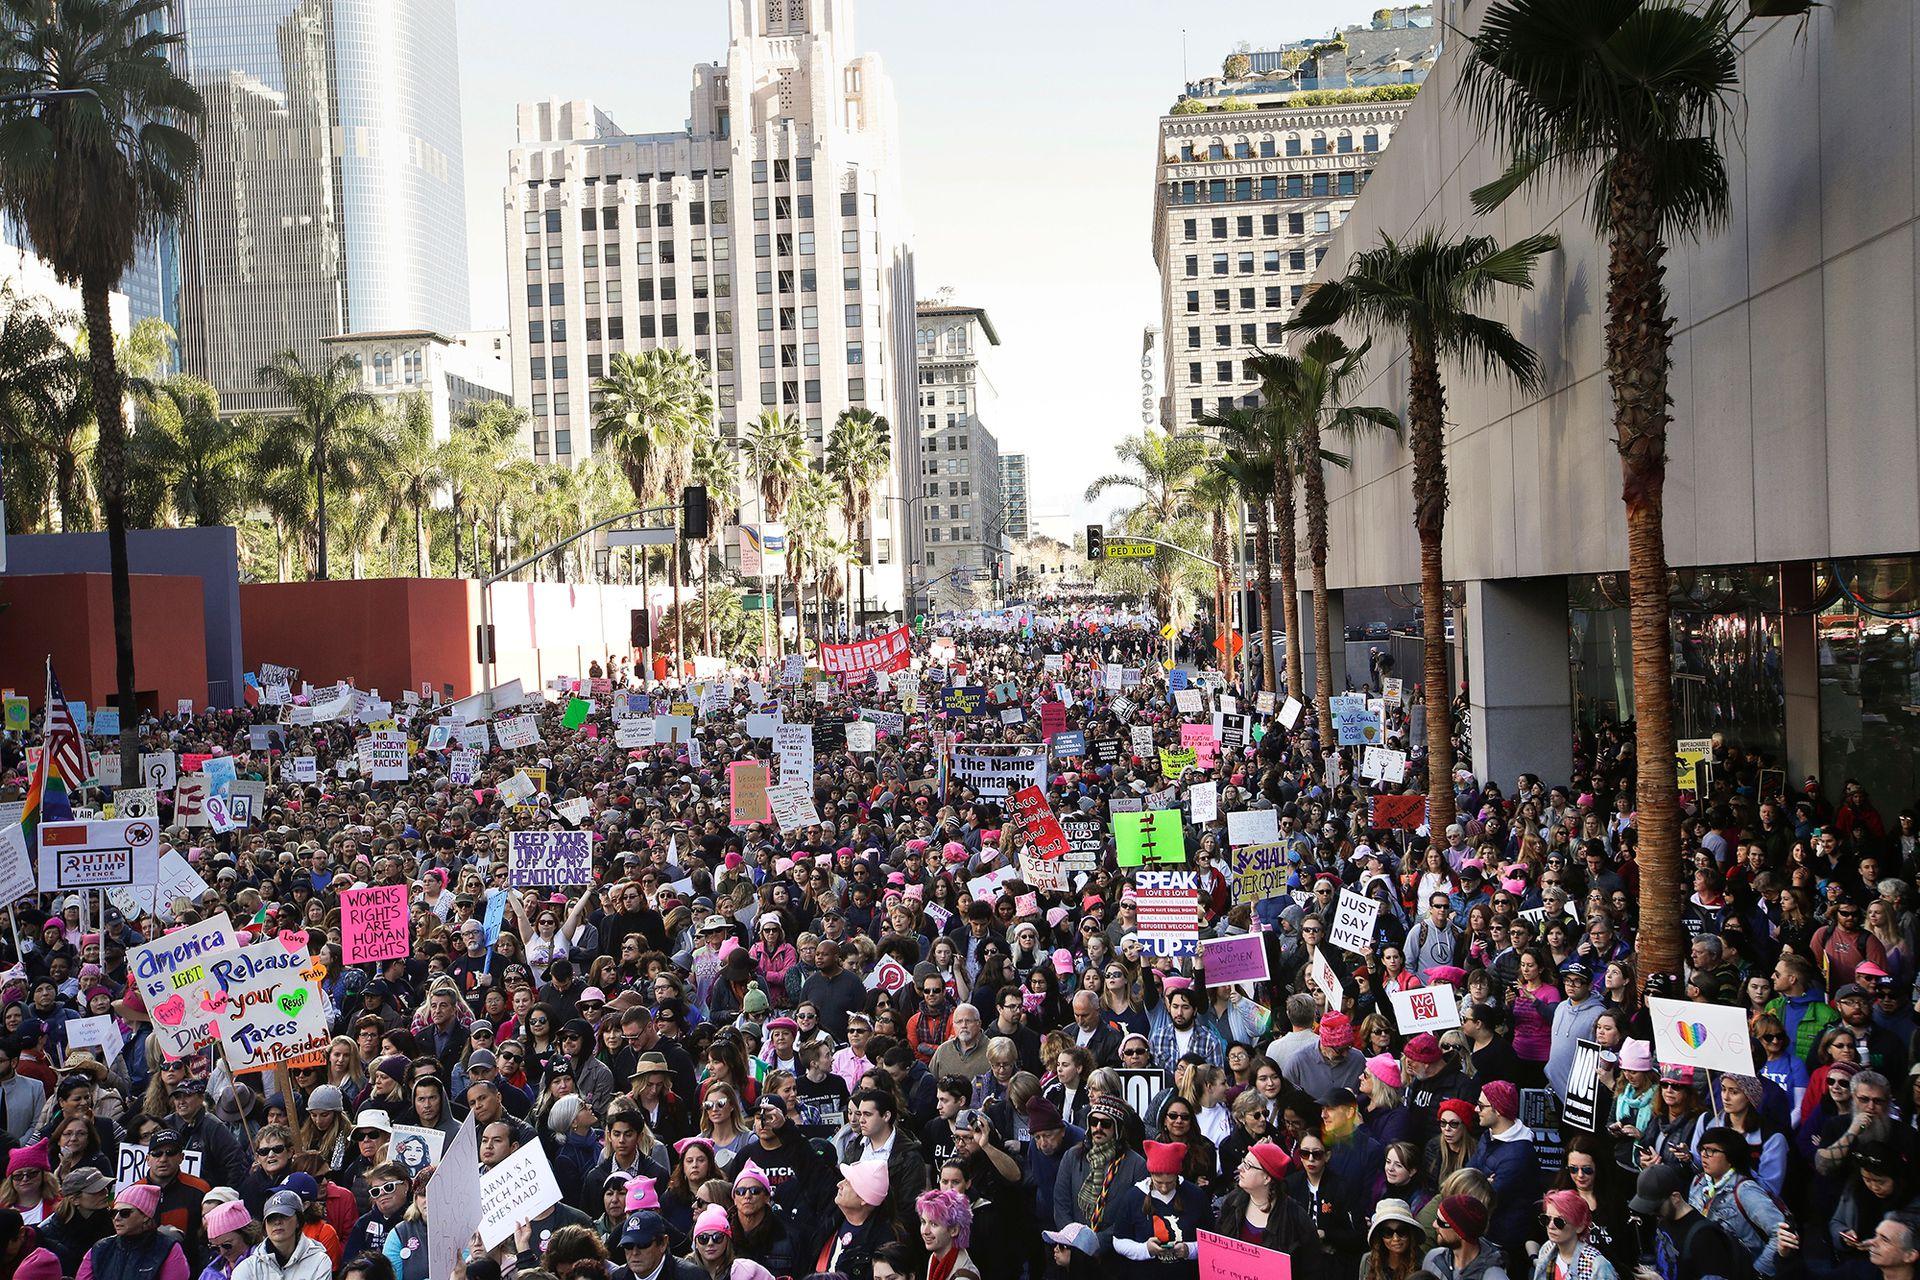 Las calles de Los Ángeles se llenaron en la Marcha de Mujeres contra las declaraciones misóginas del presidente Donald Trump